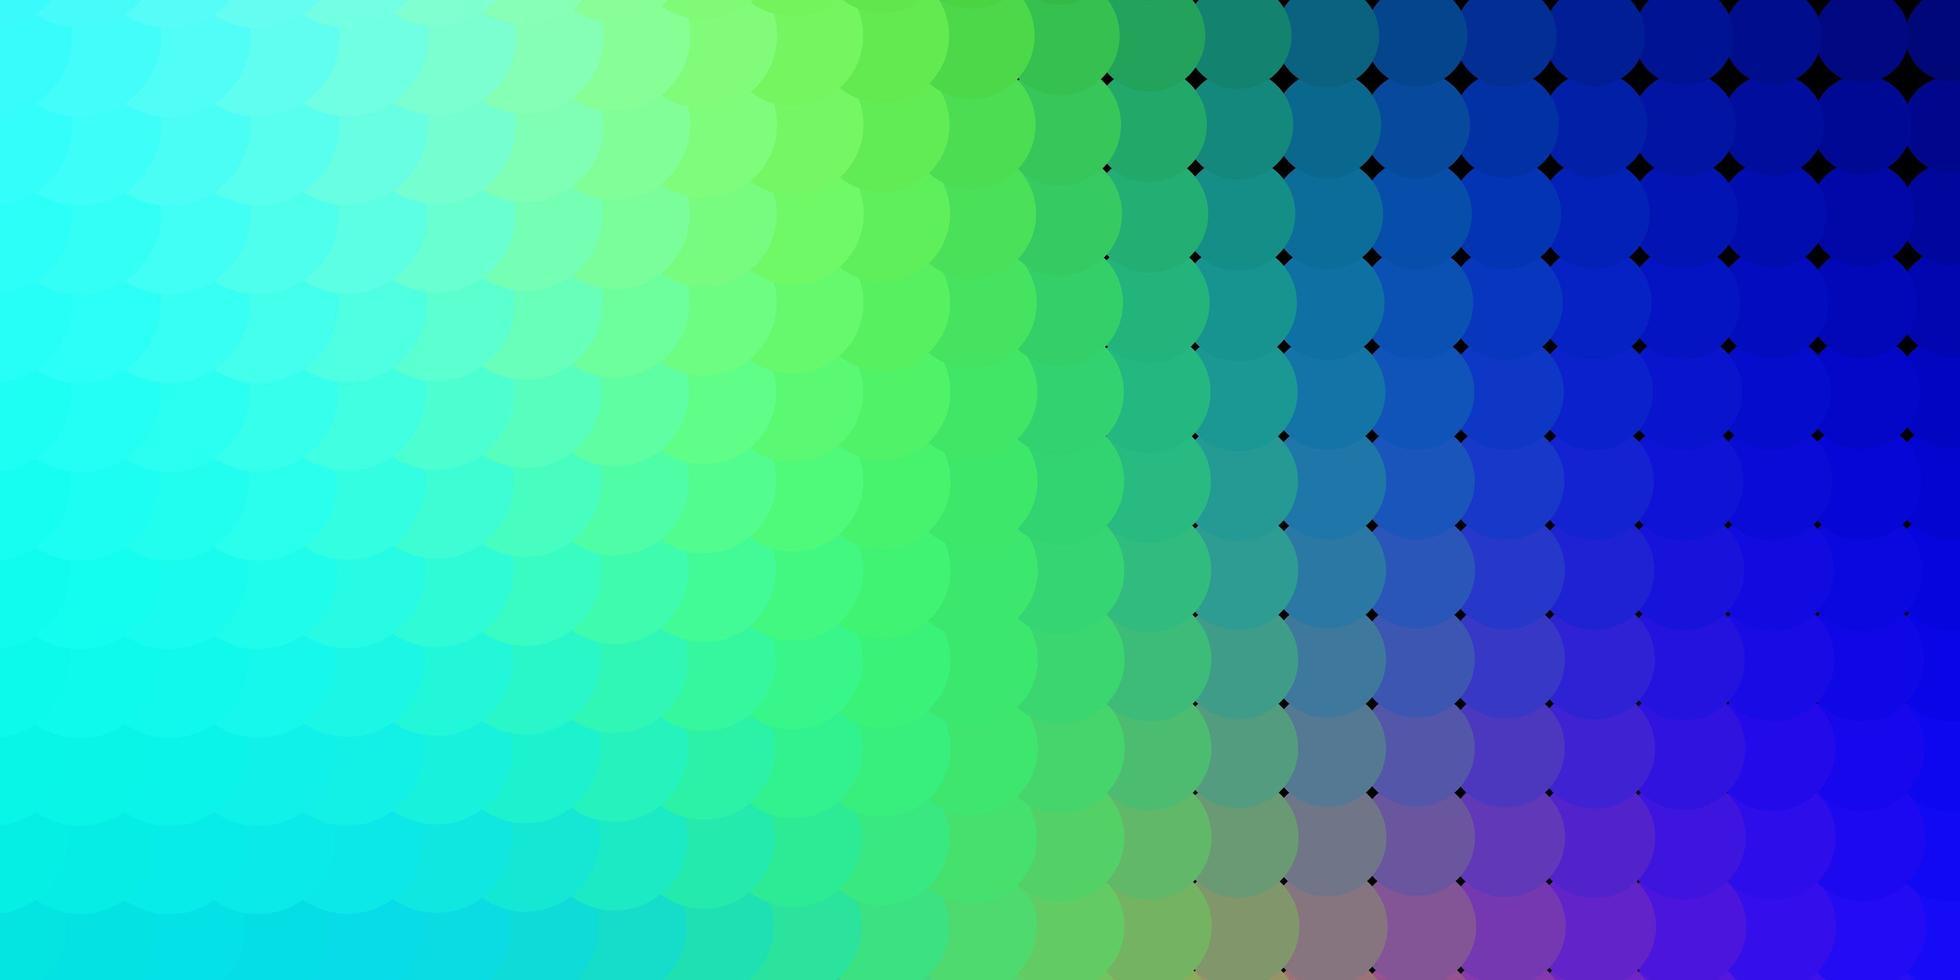 hellblaue und grüne Textur mit Kreisen. vektor